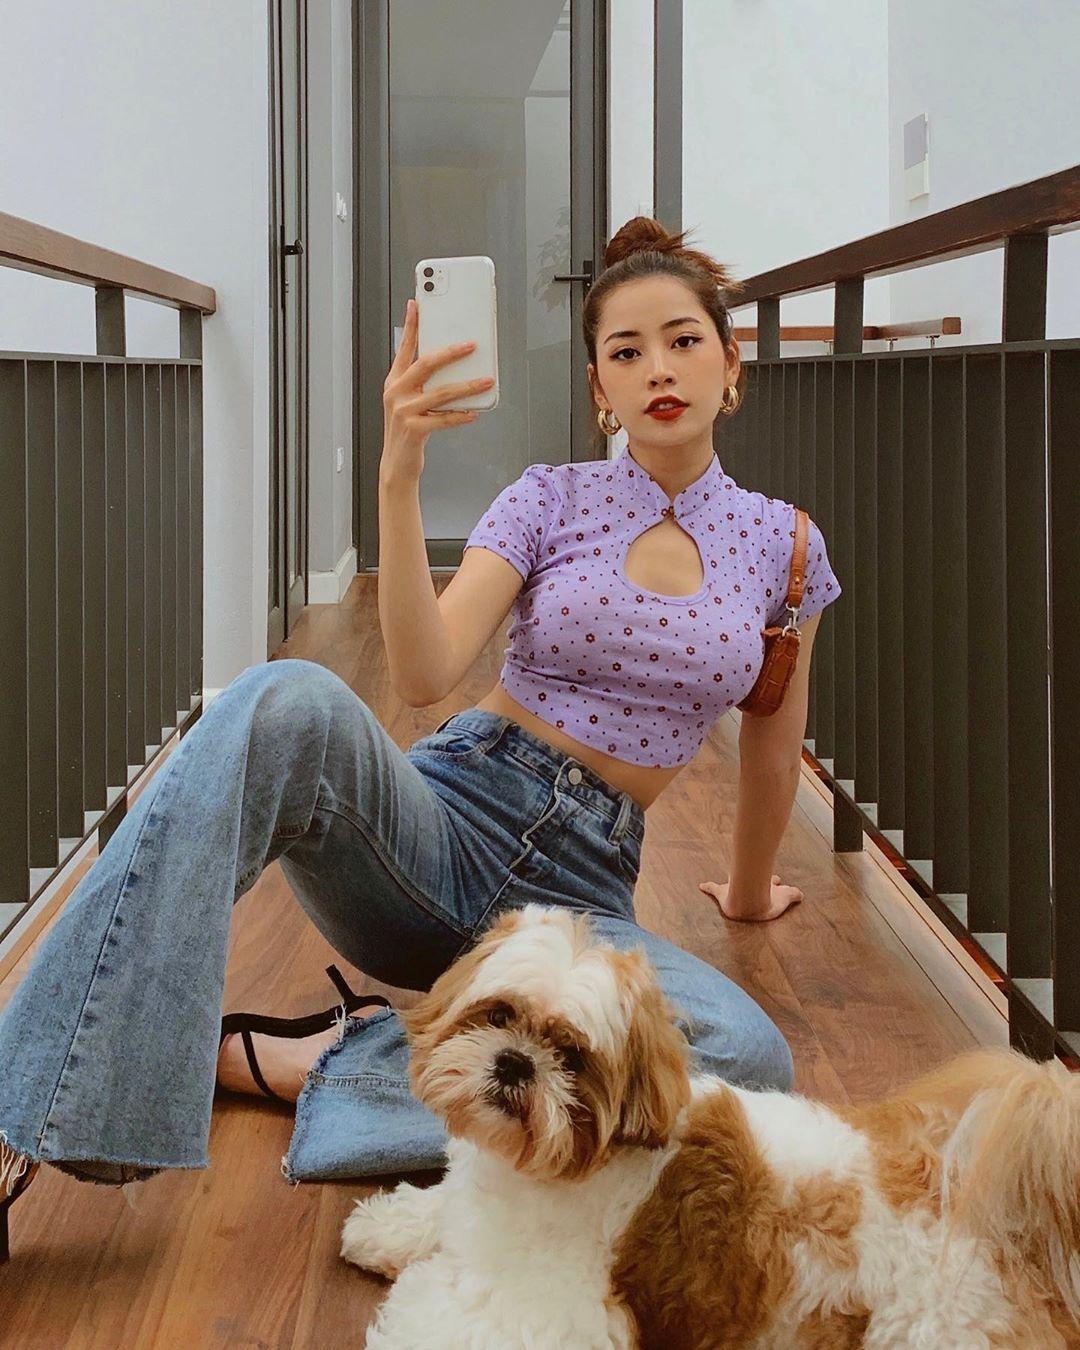 Mỹ nhân sinh năm 1993 là một trong những người đầu tiên lăng xê mốt áo khoét ngực kiểu sườn xám cách điệu. Thiết kế màu tím cực hợp trend của cô nàng đến từ thương hiệu Onon made với giá bán 490k.